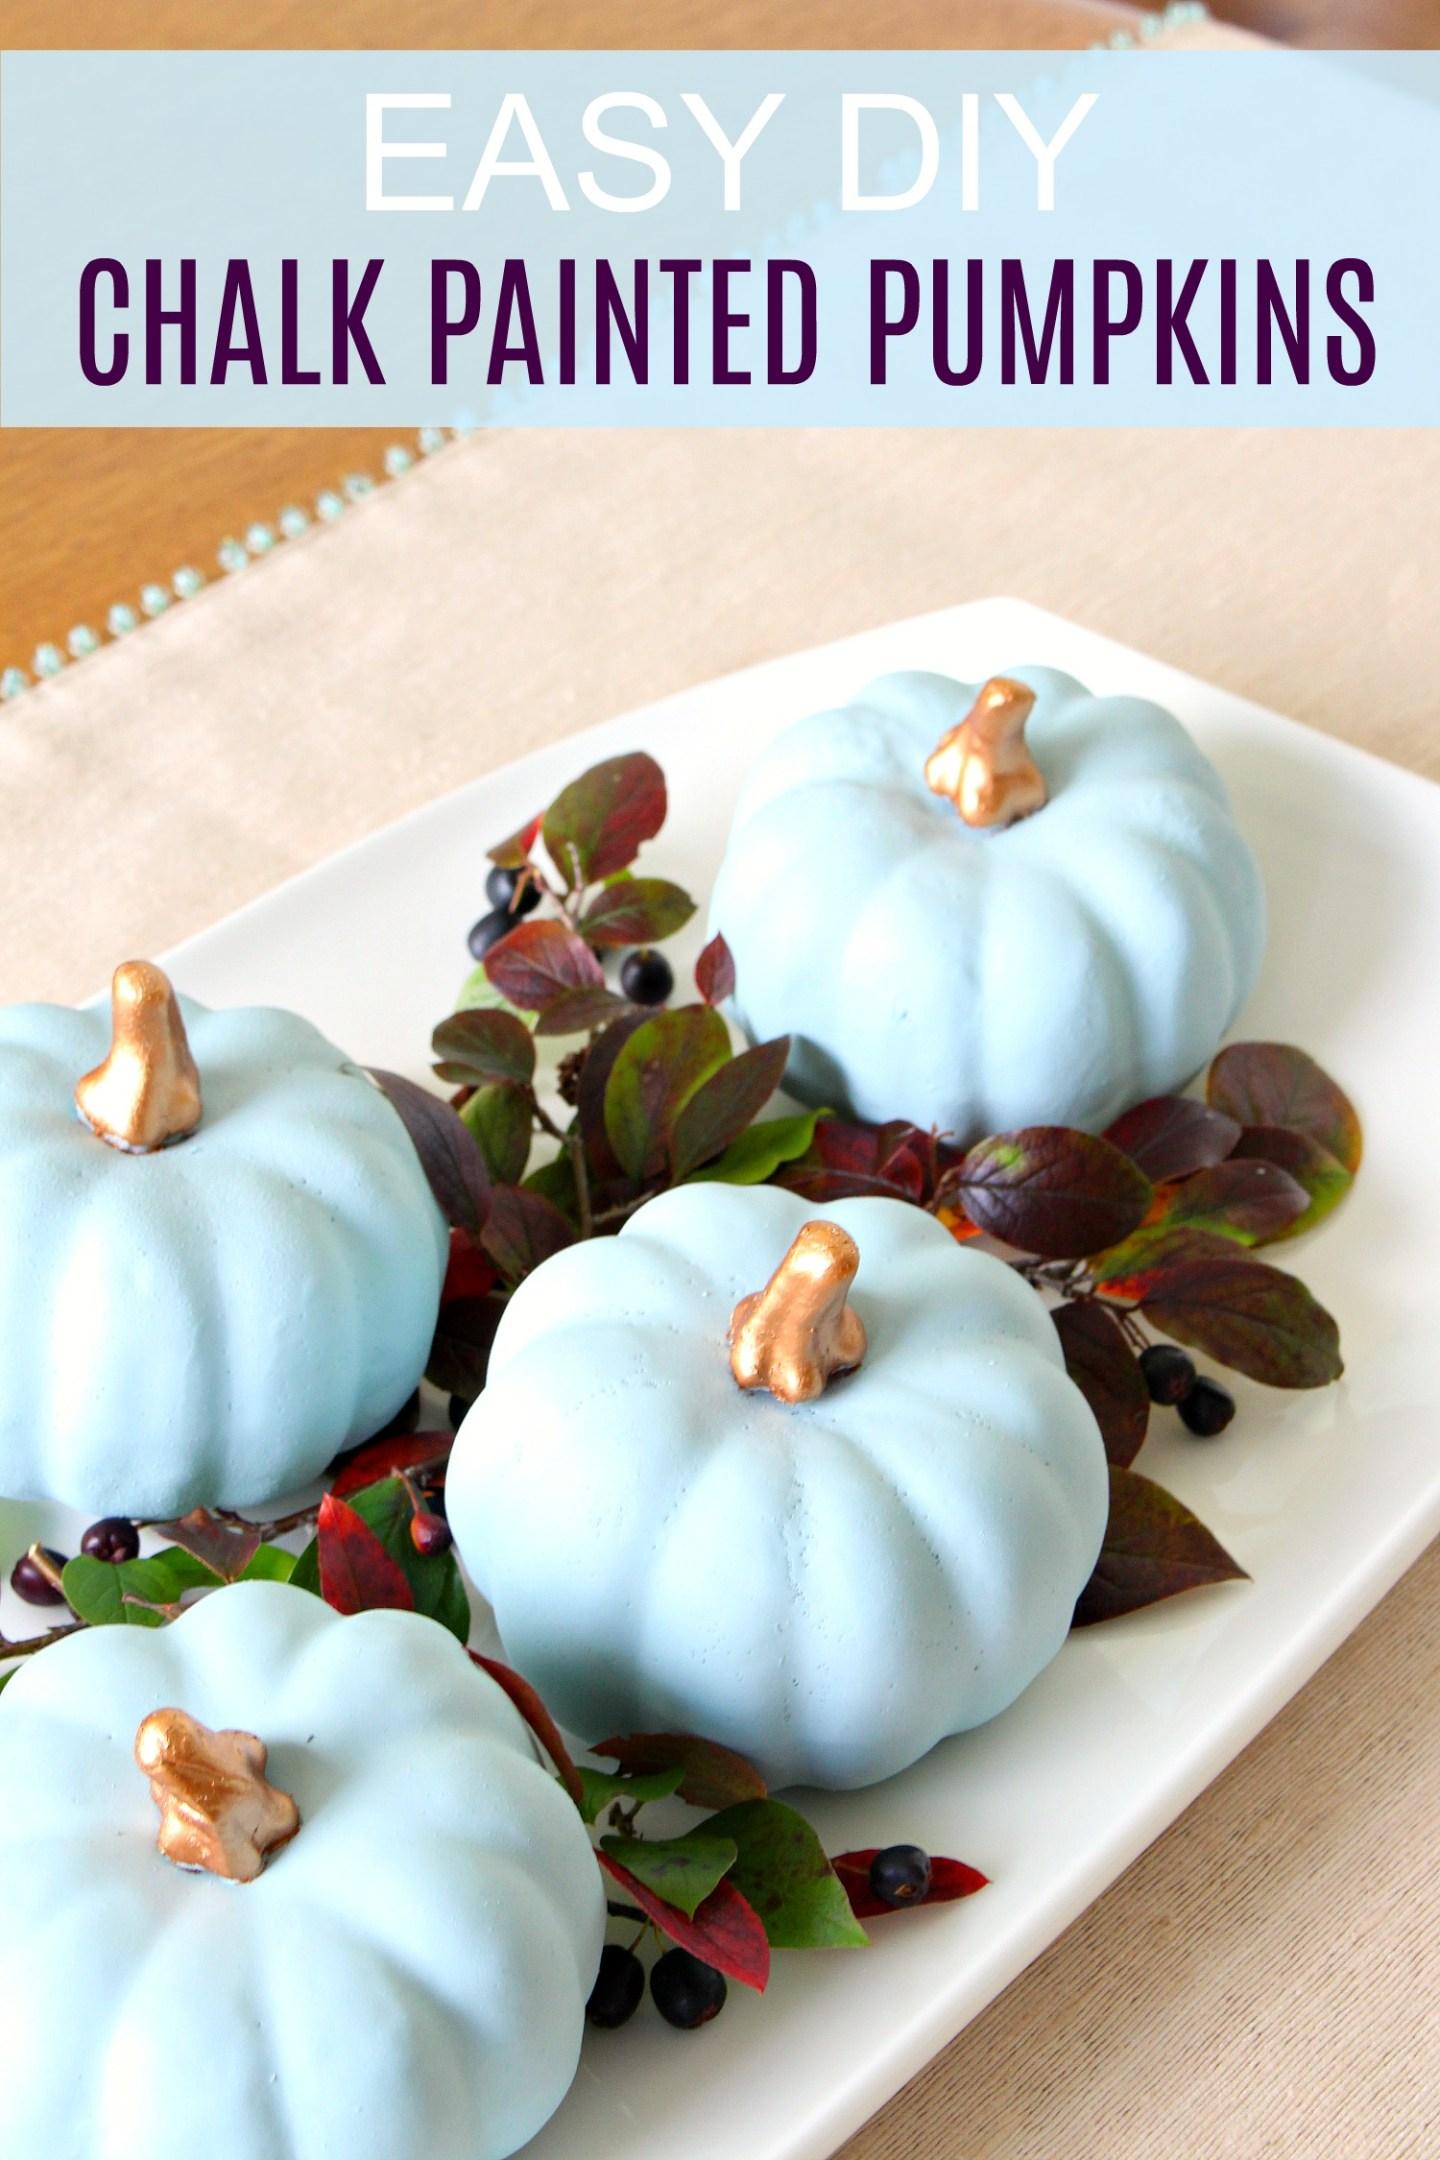 DIY Chalk Painted Pumpkins | Make Blue/Grey Heirloom Pumpkins!